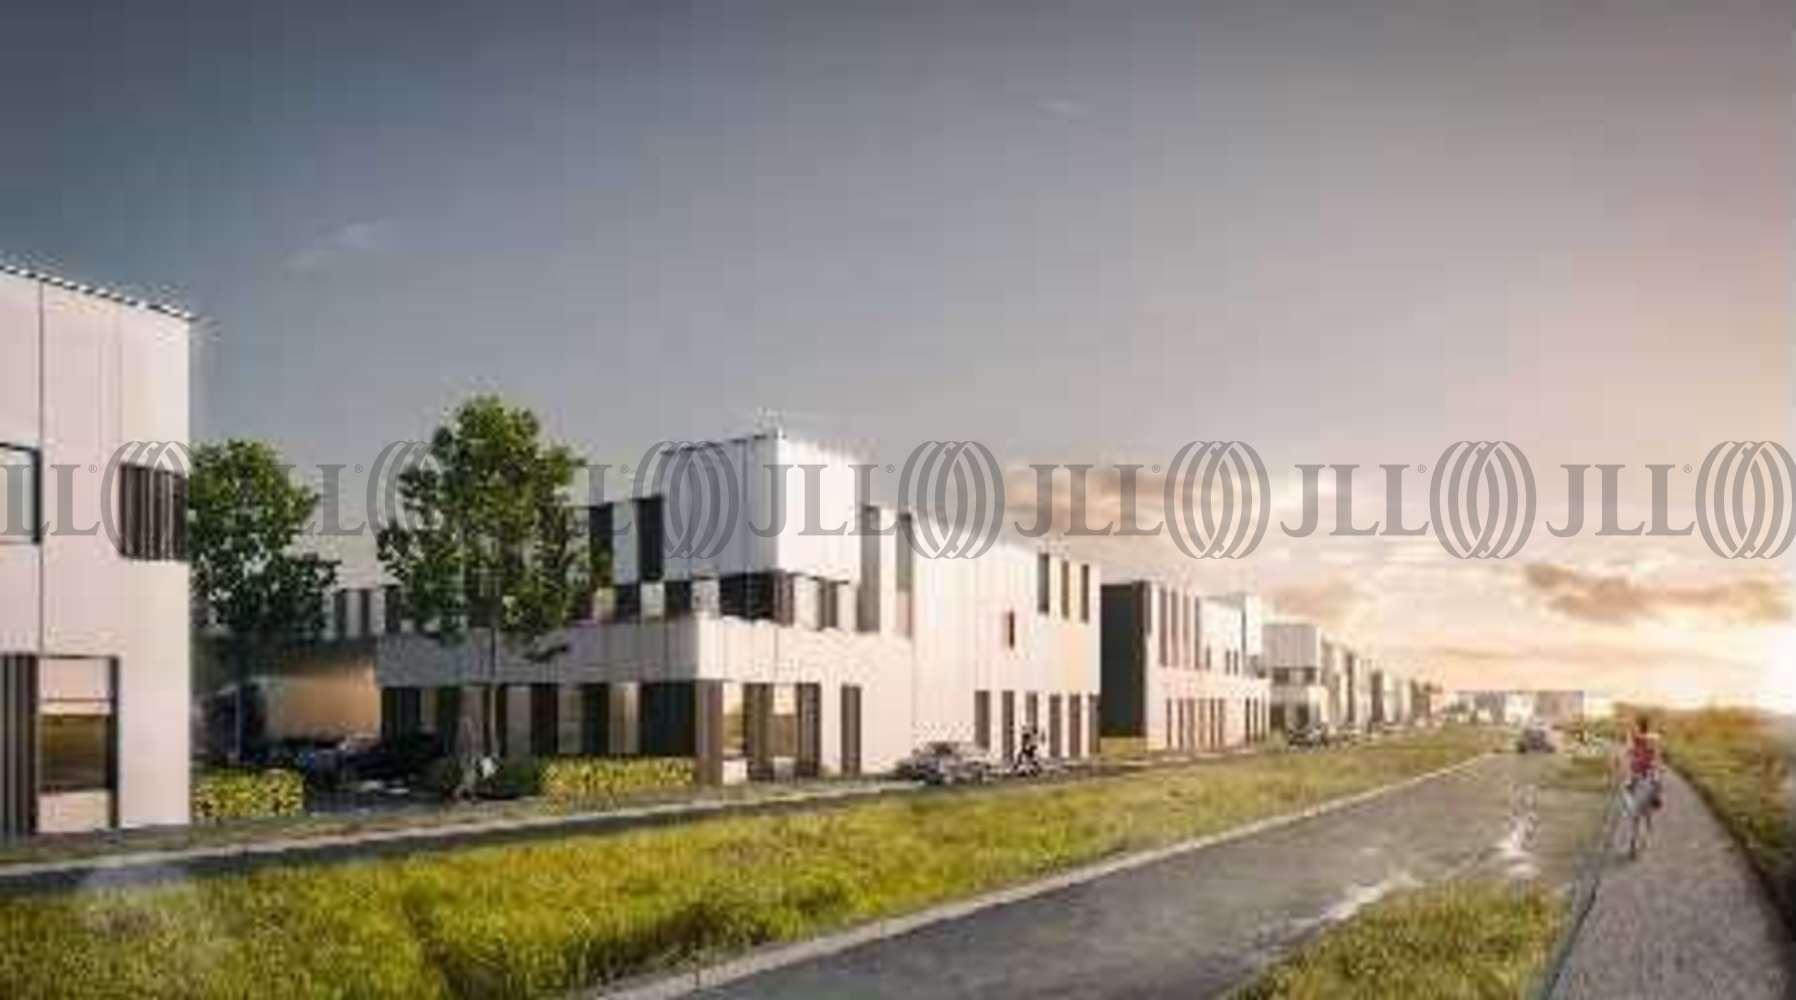 Activités/entrepôt Tremblay en france, 93290 - VILLAS